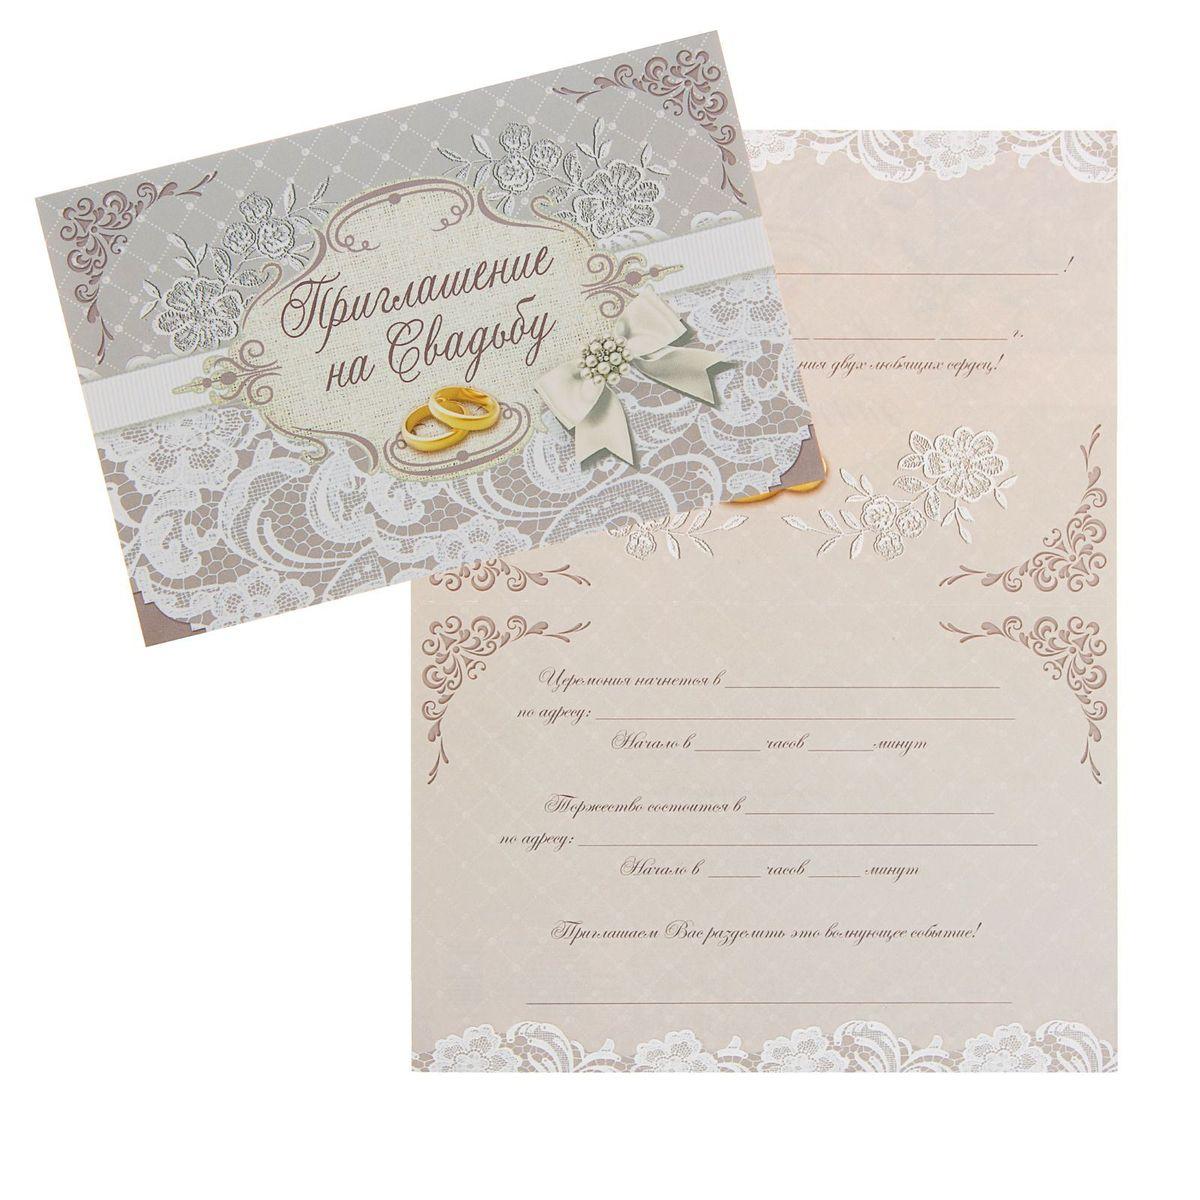 Sima-land Приглашение на свадьбу Кружево, 18х12см.1333779Свадьба — одно из главных событий в жизни каждого человека. Для идеального торжества необходимо продумать каждую мелочь. Родным и близким будет приятно получить индивидуальную красивую открытку с эксклюзивным дизайном.